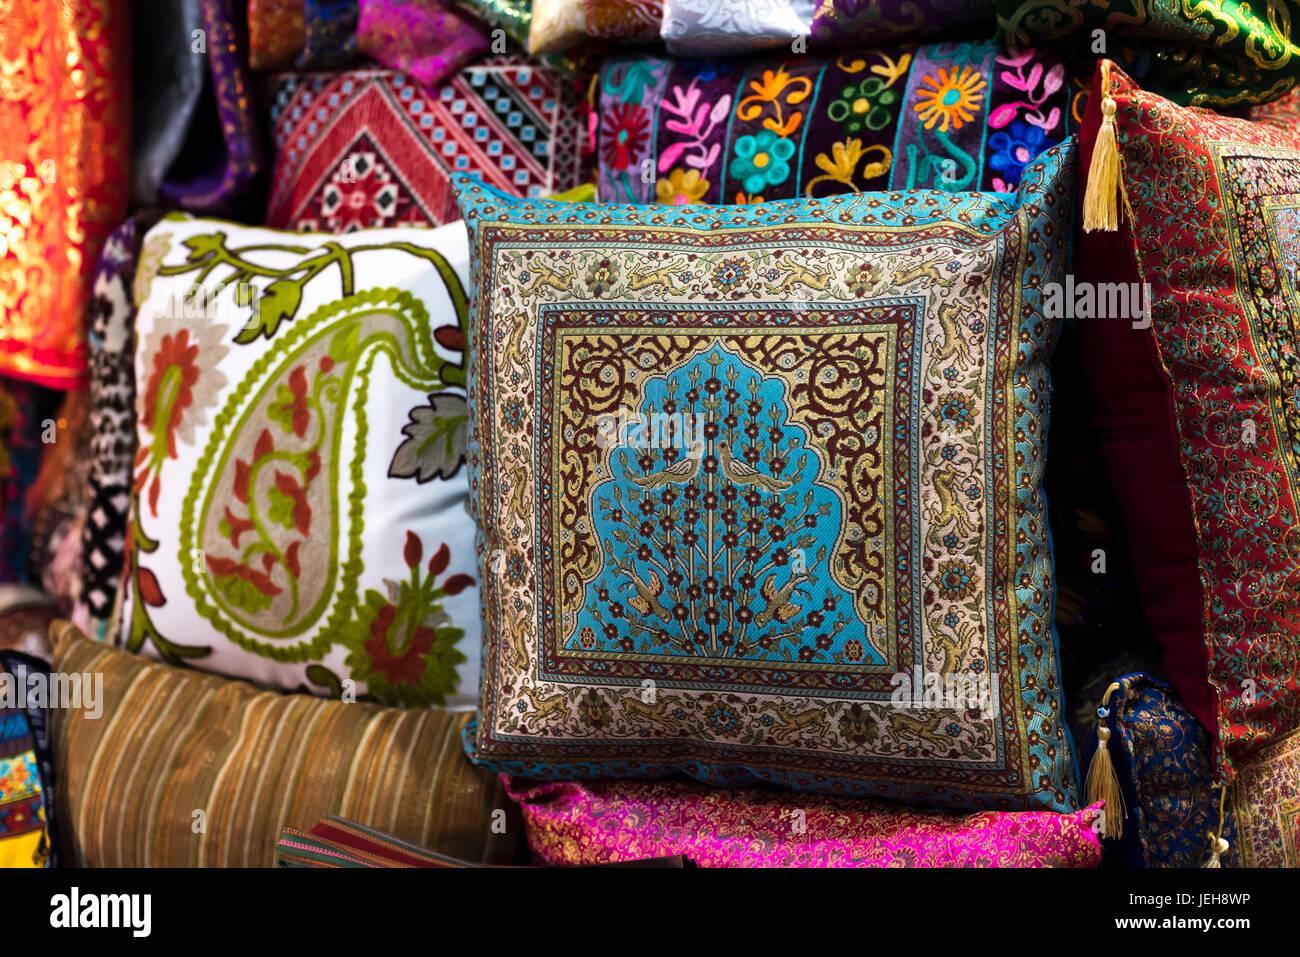 Coloridos Cojines Decorativos En La Exhibicion En El Mercado Arabe - Cojines-arabes